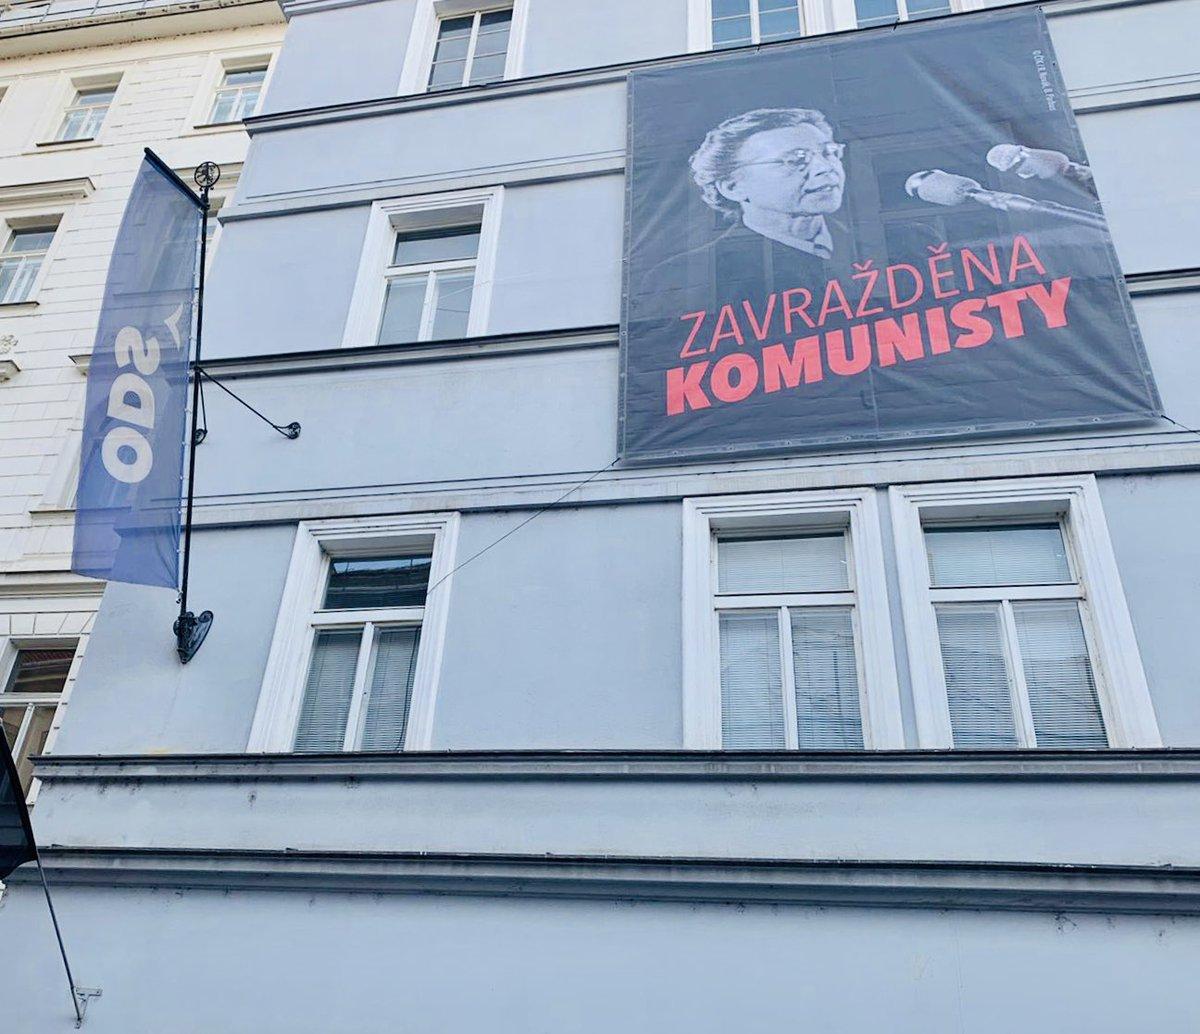 RT @SmolkaVa: I na budově hlavní kanceláře ODS si připomínáme #MILADA70 https://t.co/XvmhjAUPIt